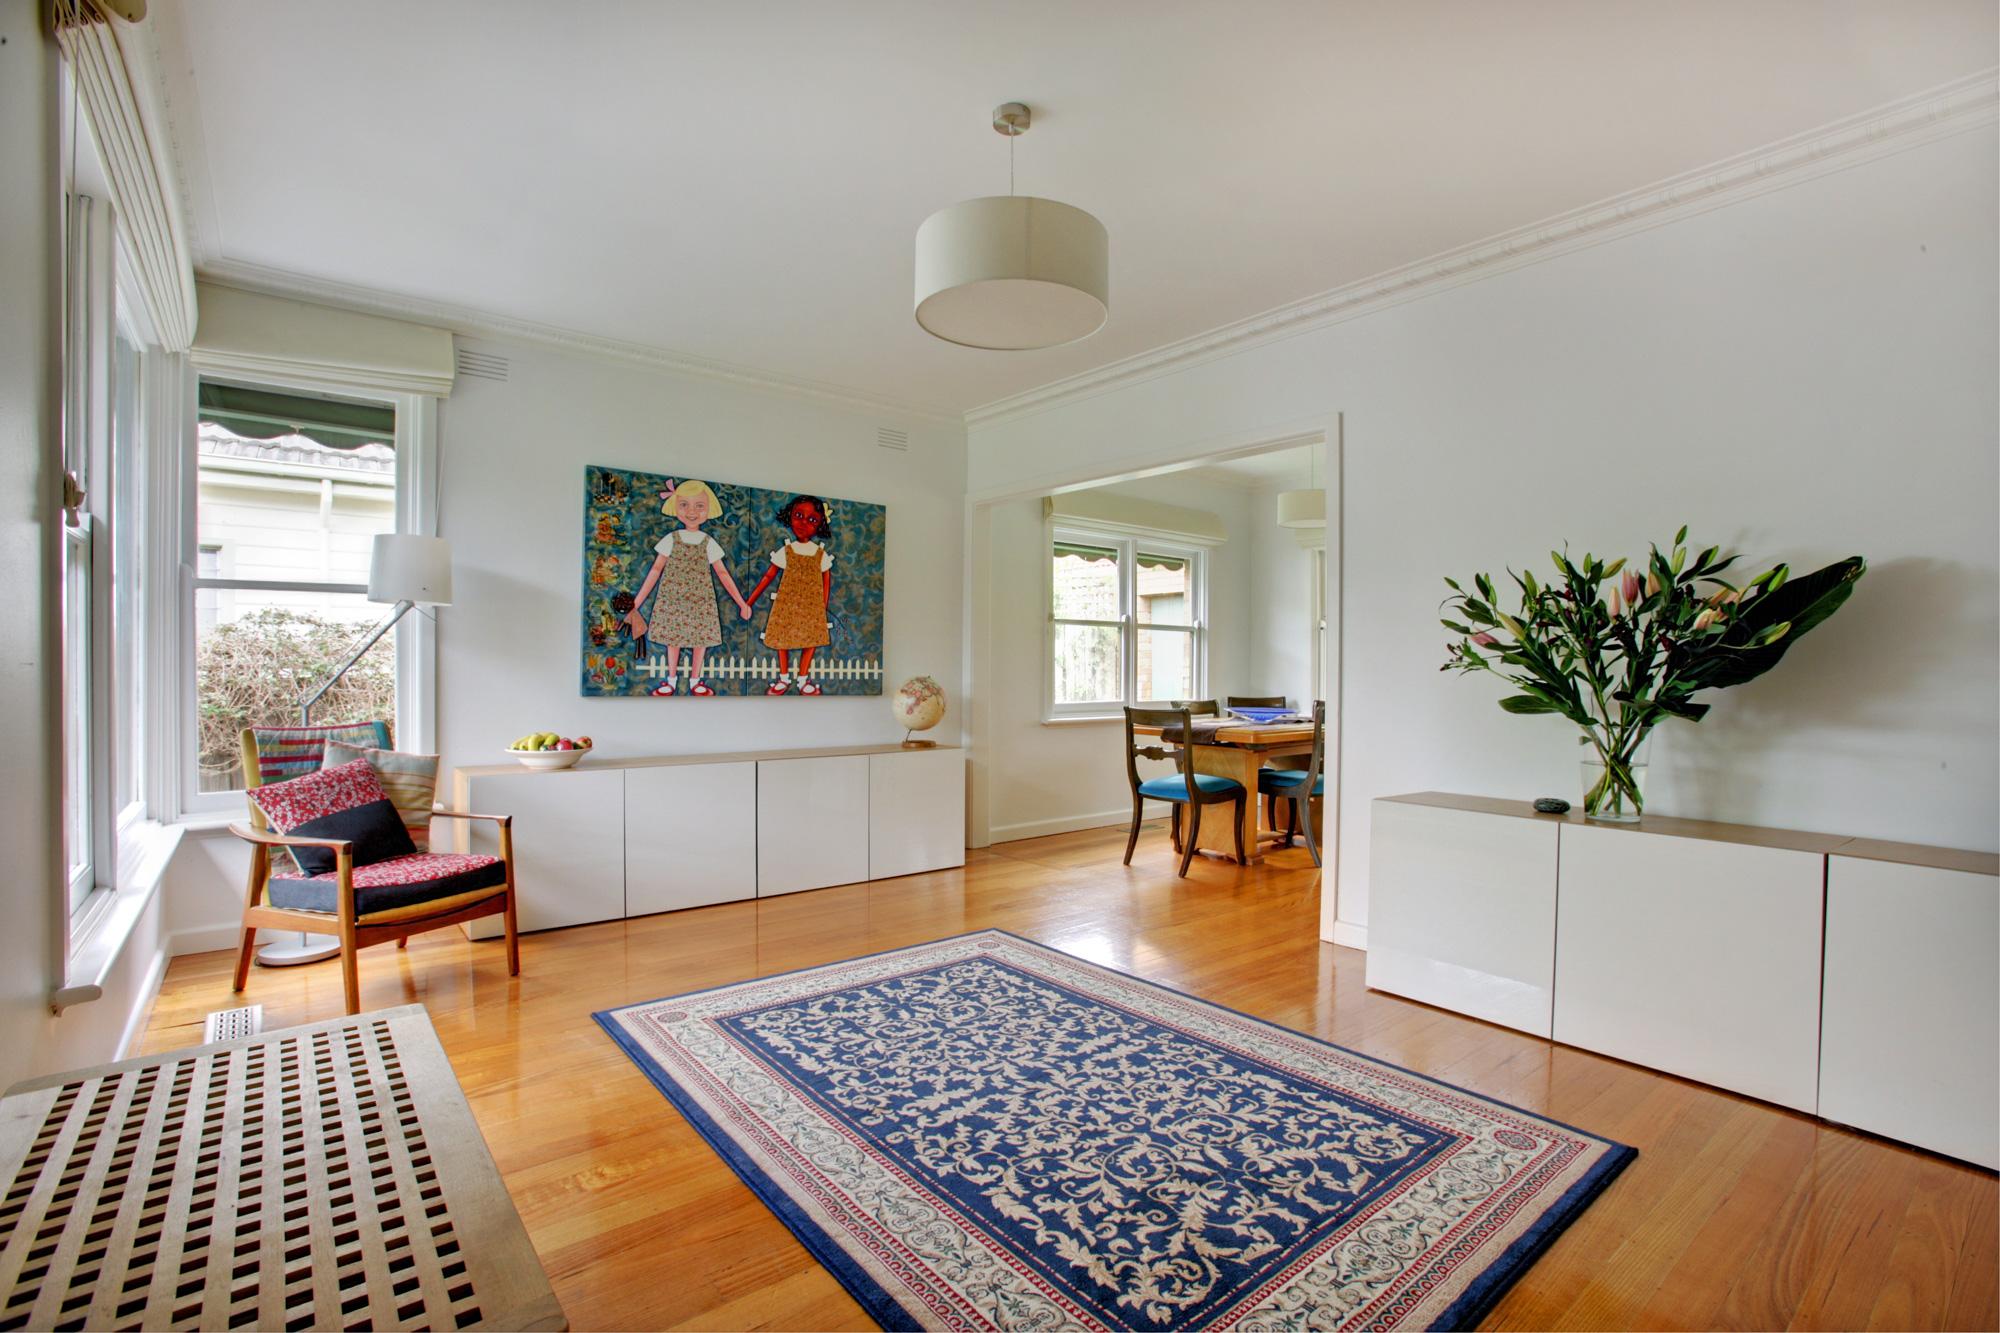 Una casa limpia y ordenada una mente fresca y despejada - Casa limpia y ordenada ...